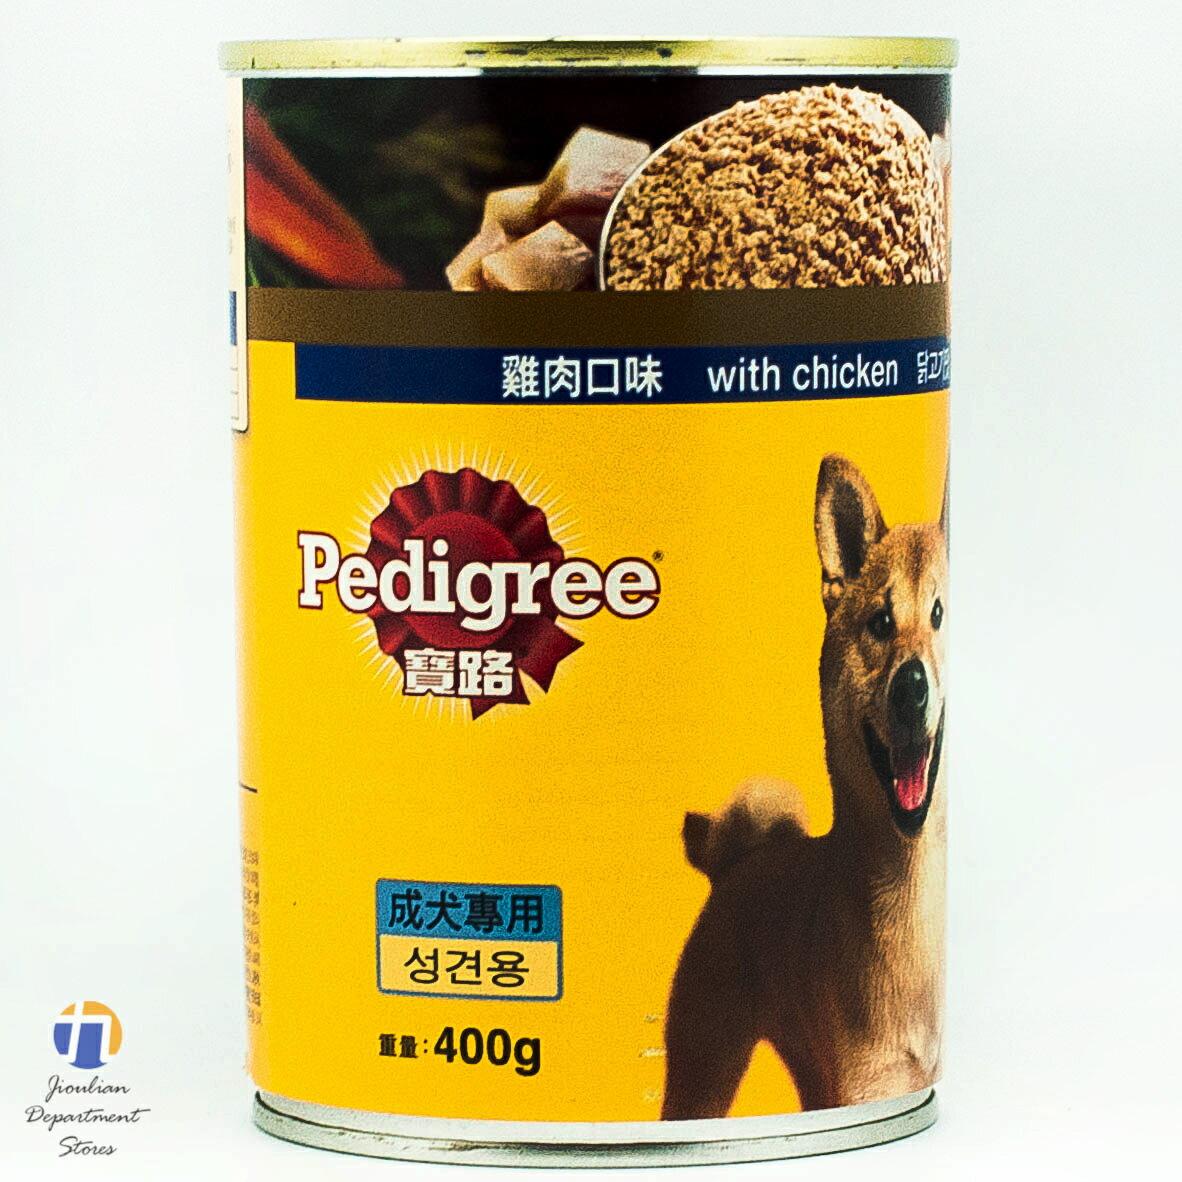 {九聯百貨} 寶路 罐頭 成犬專用 雞肉口味 400g